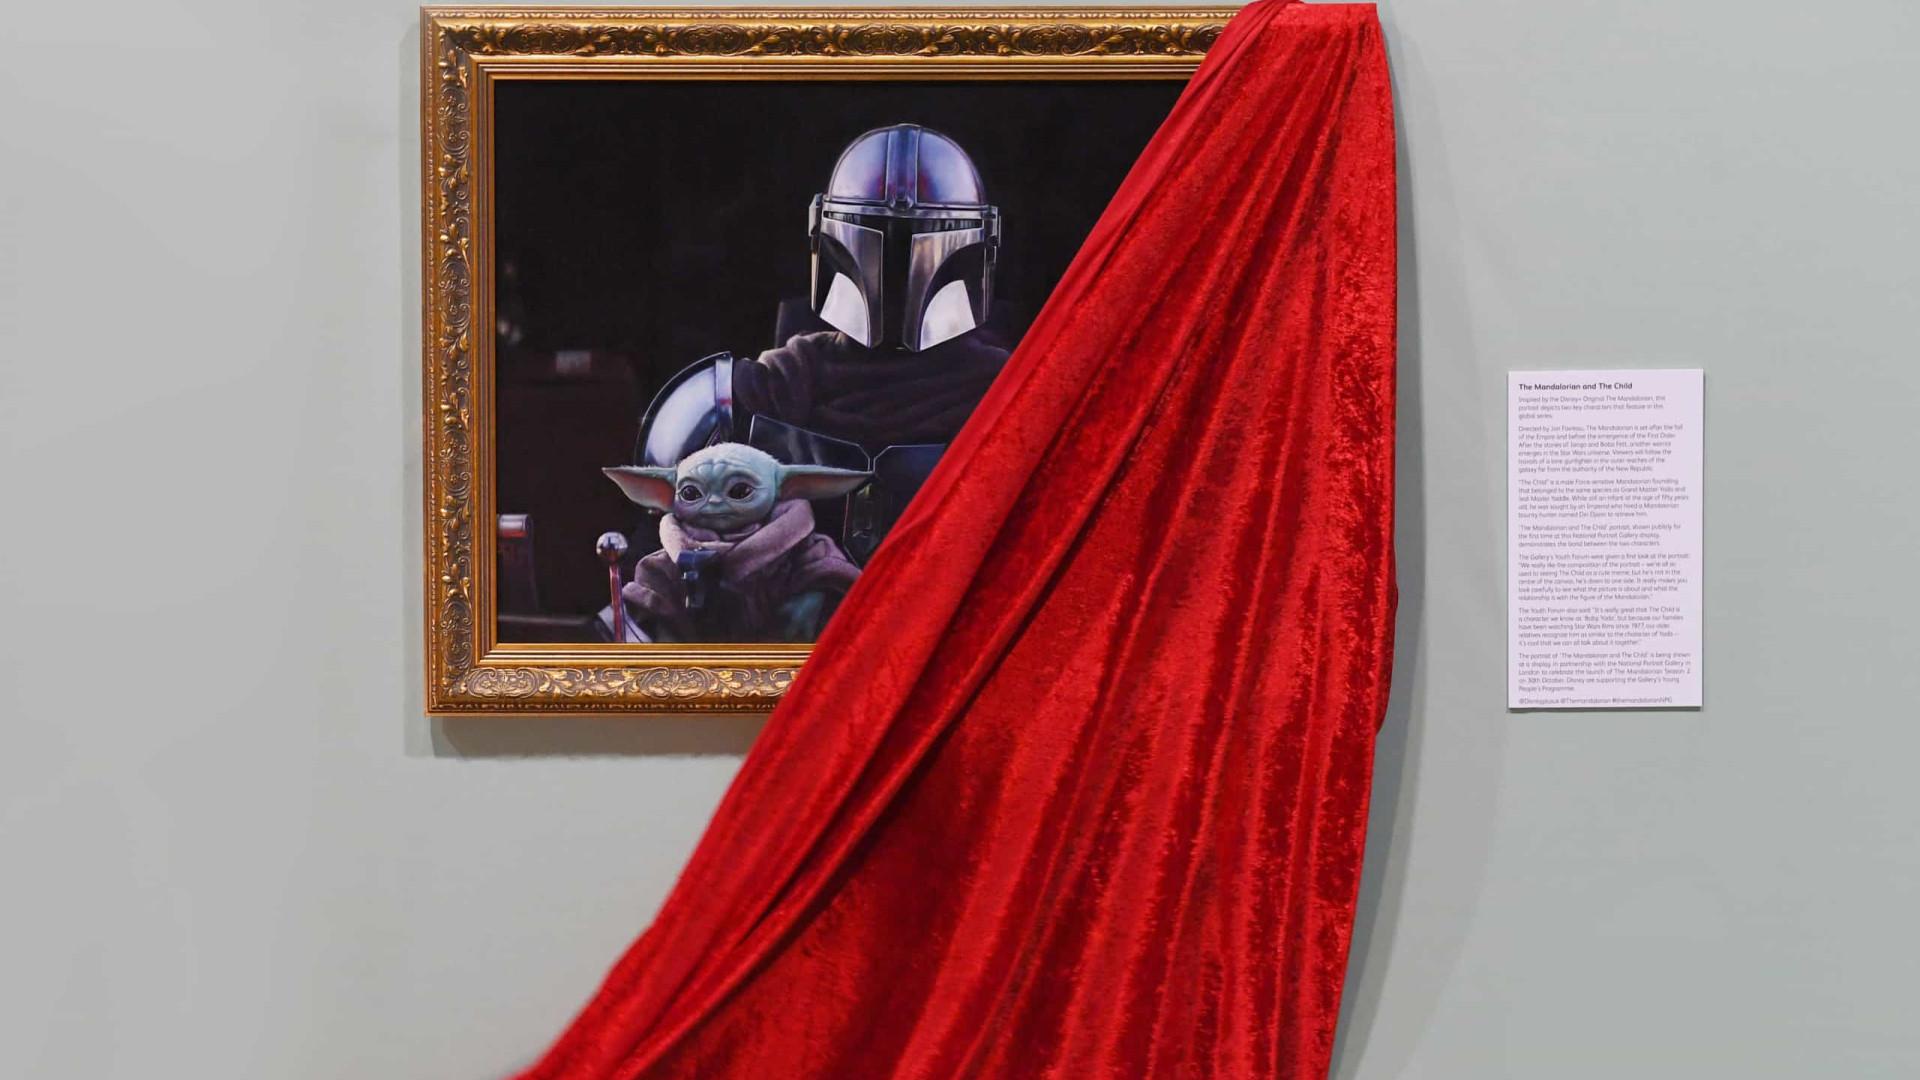 'The Mandalorian' homenageado com retrato em museu londrino